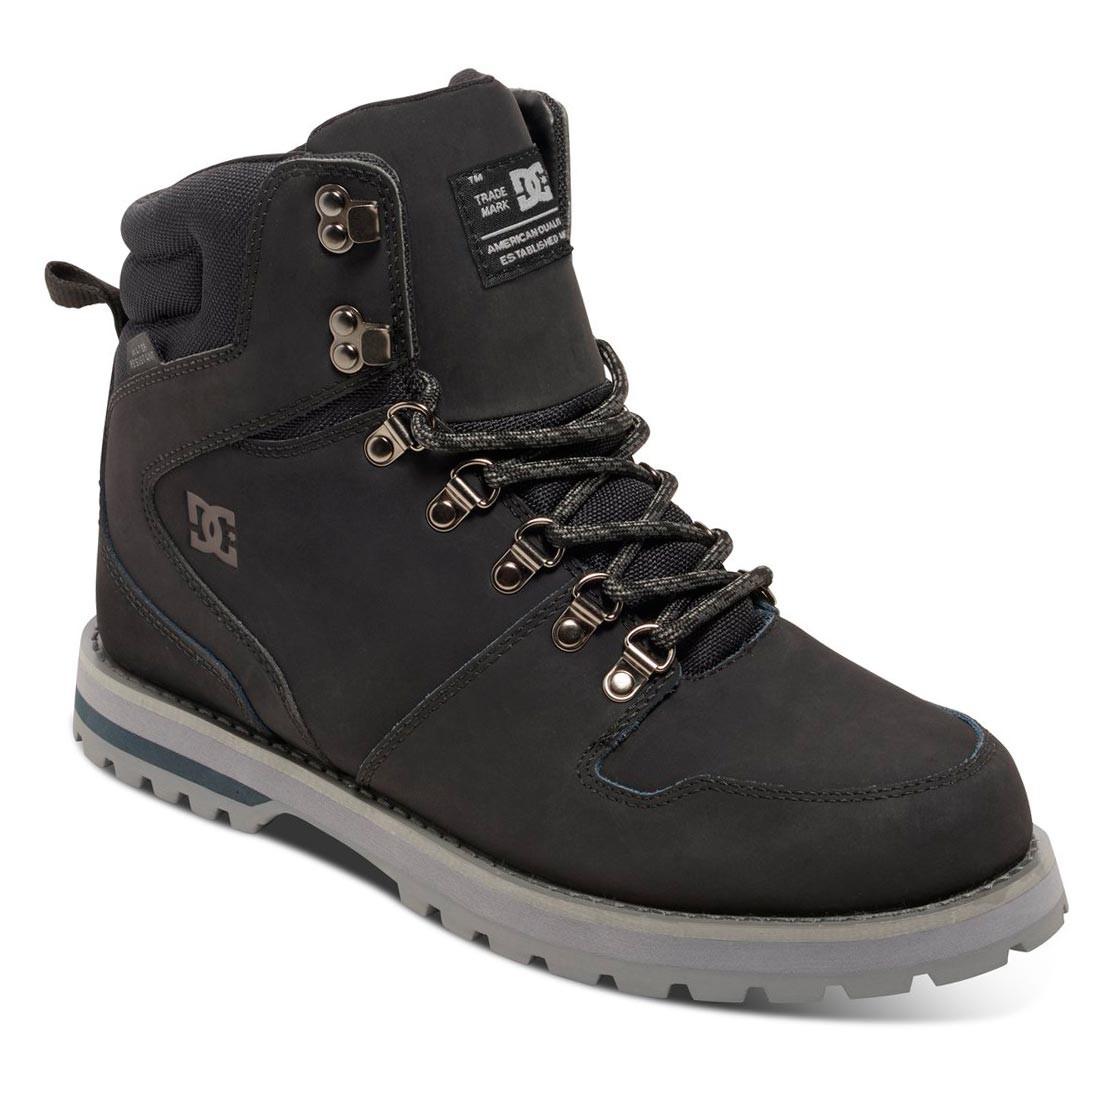 Zimní boty DC Peary grey/black